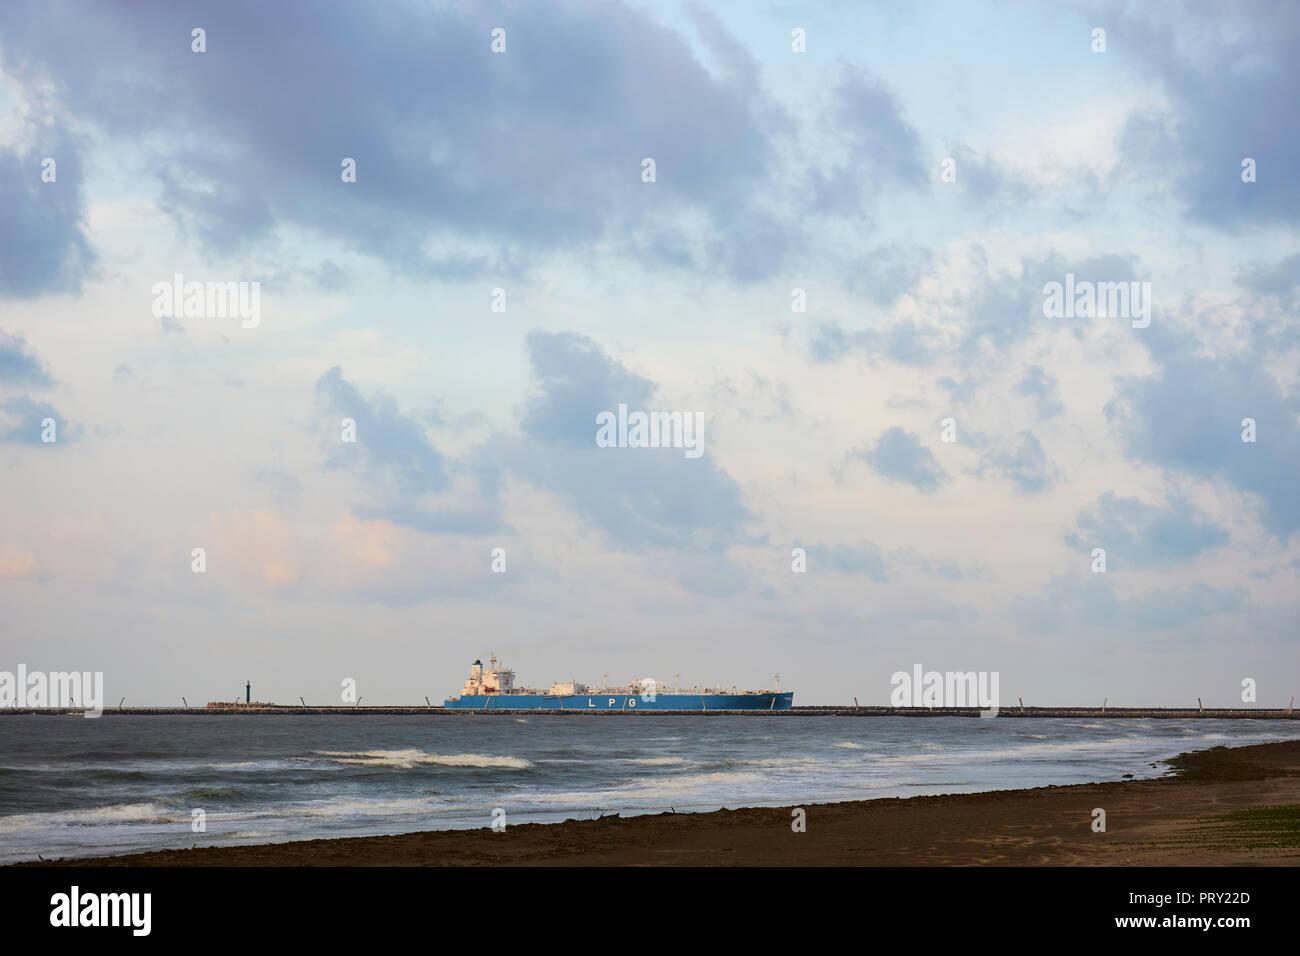 """COATZACOALCOS, VER/MEXICO - OCT 2, 2018: """"Albert"""" LPG gas carrier tanker ship enters the Coatzacoalcos river, to the Pajaritos logisitics terminal. Stock Photo"""